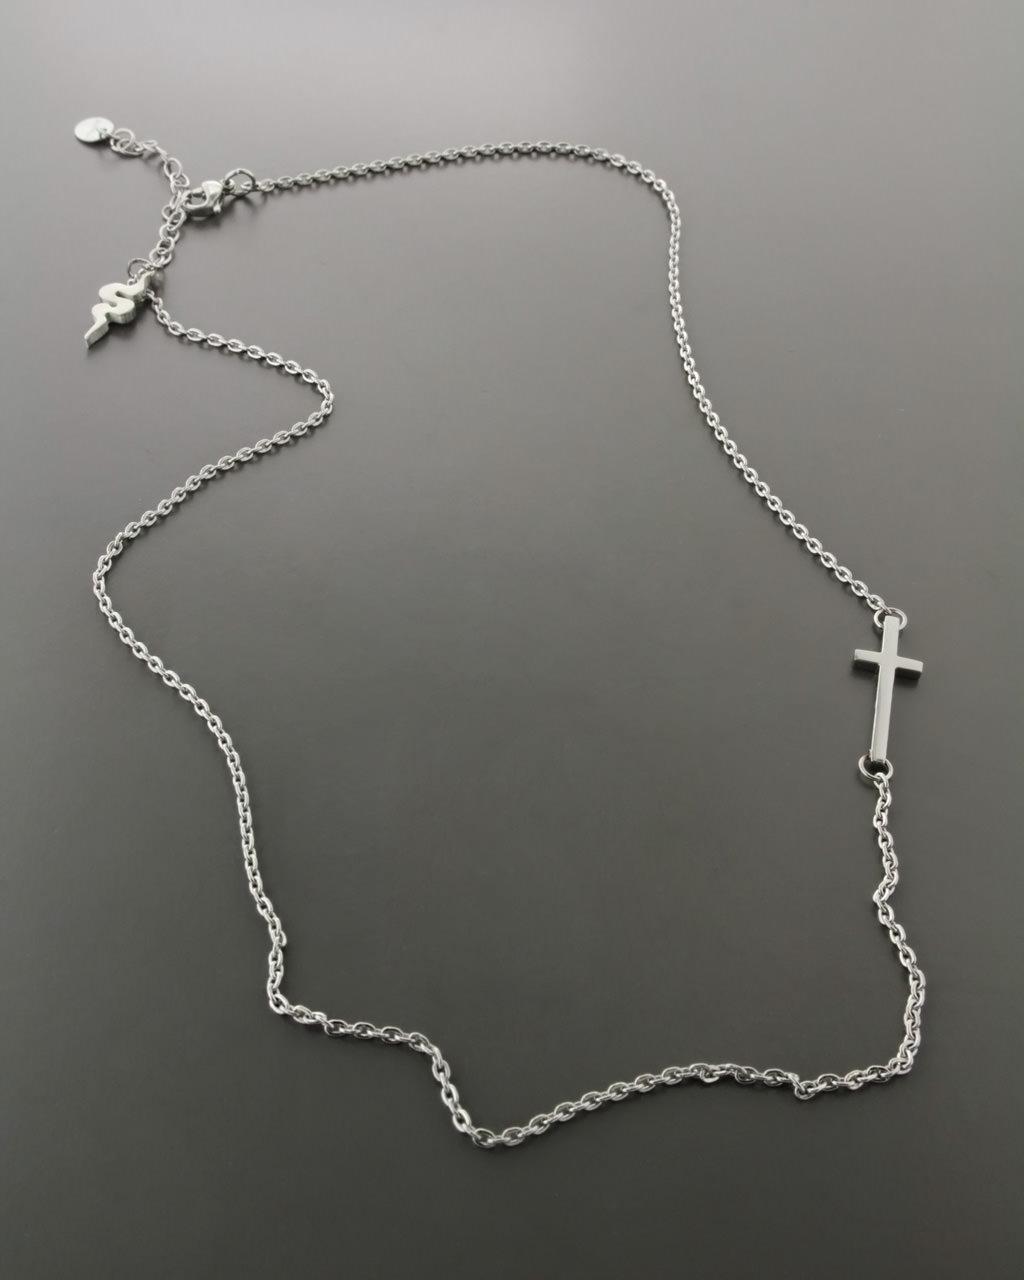 Ατσάλινο κολιέ με σταυρό & φίδι   γυναικα κρεμαστά κολιέ κρεμαστά κολιέ fashion